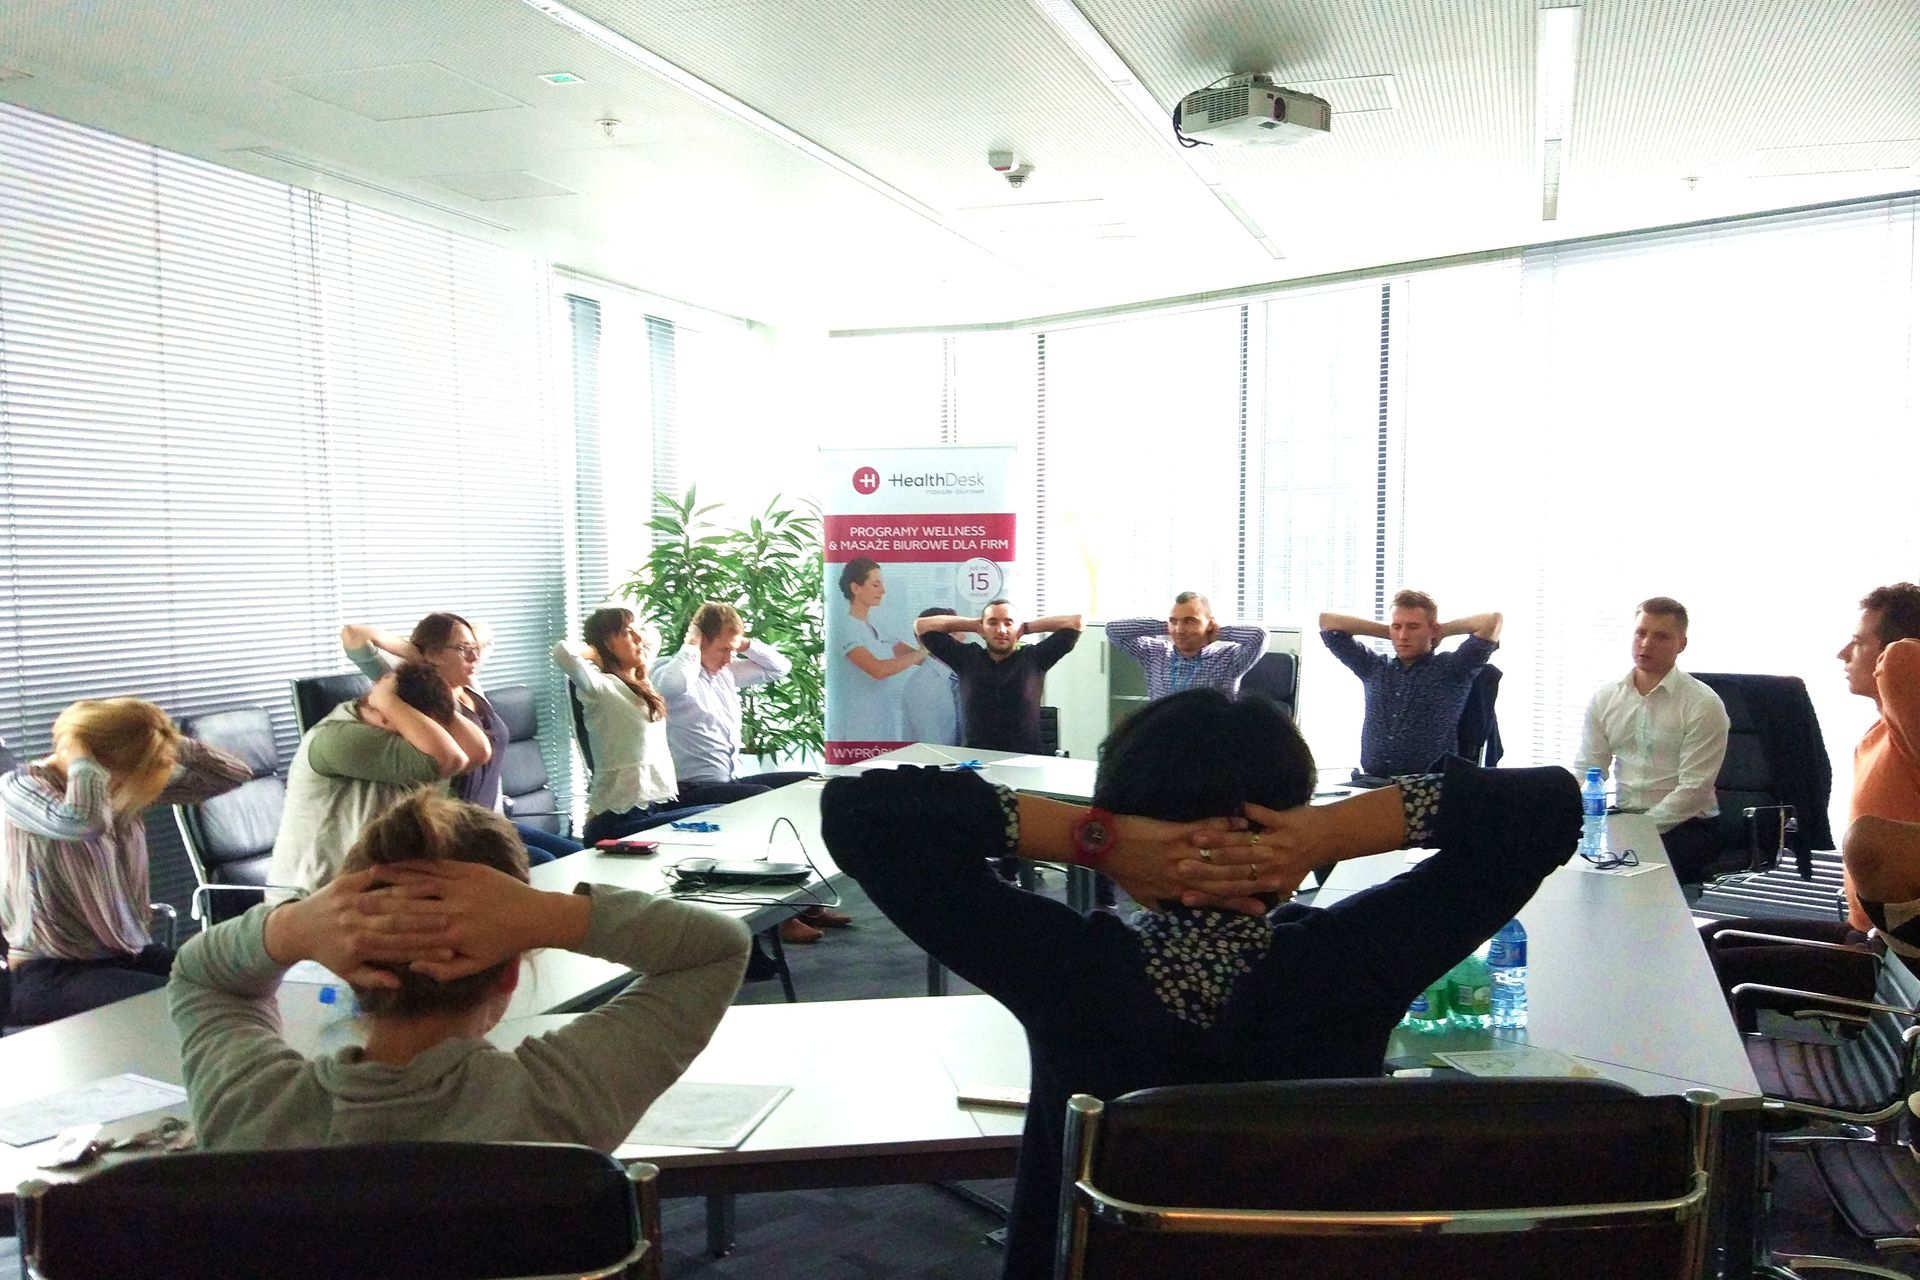 Ćwiczenia w pracy i stretching w firmie od HealthDesk 3